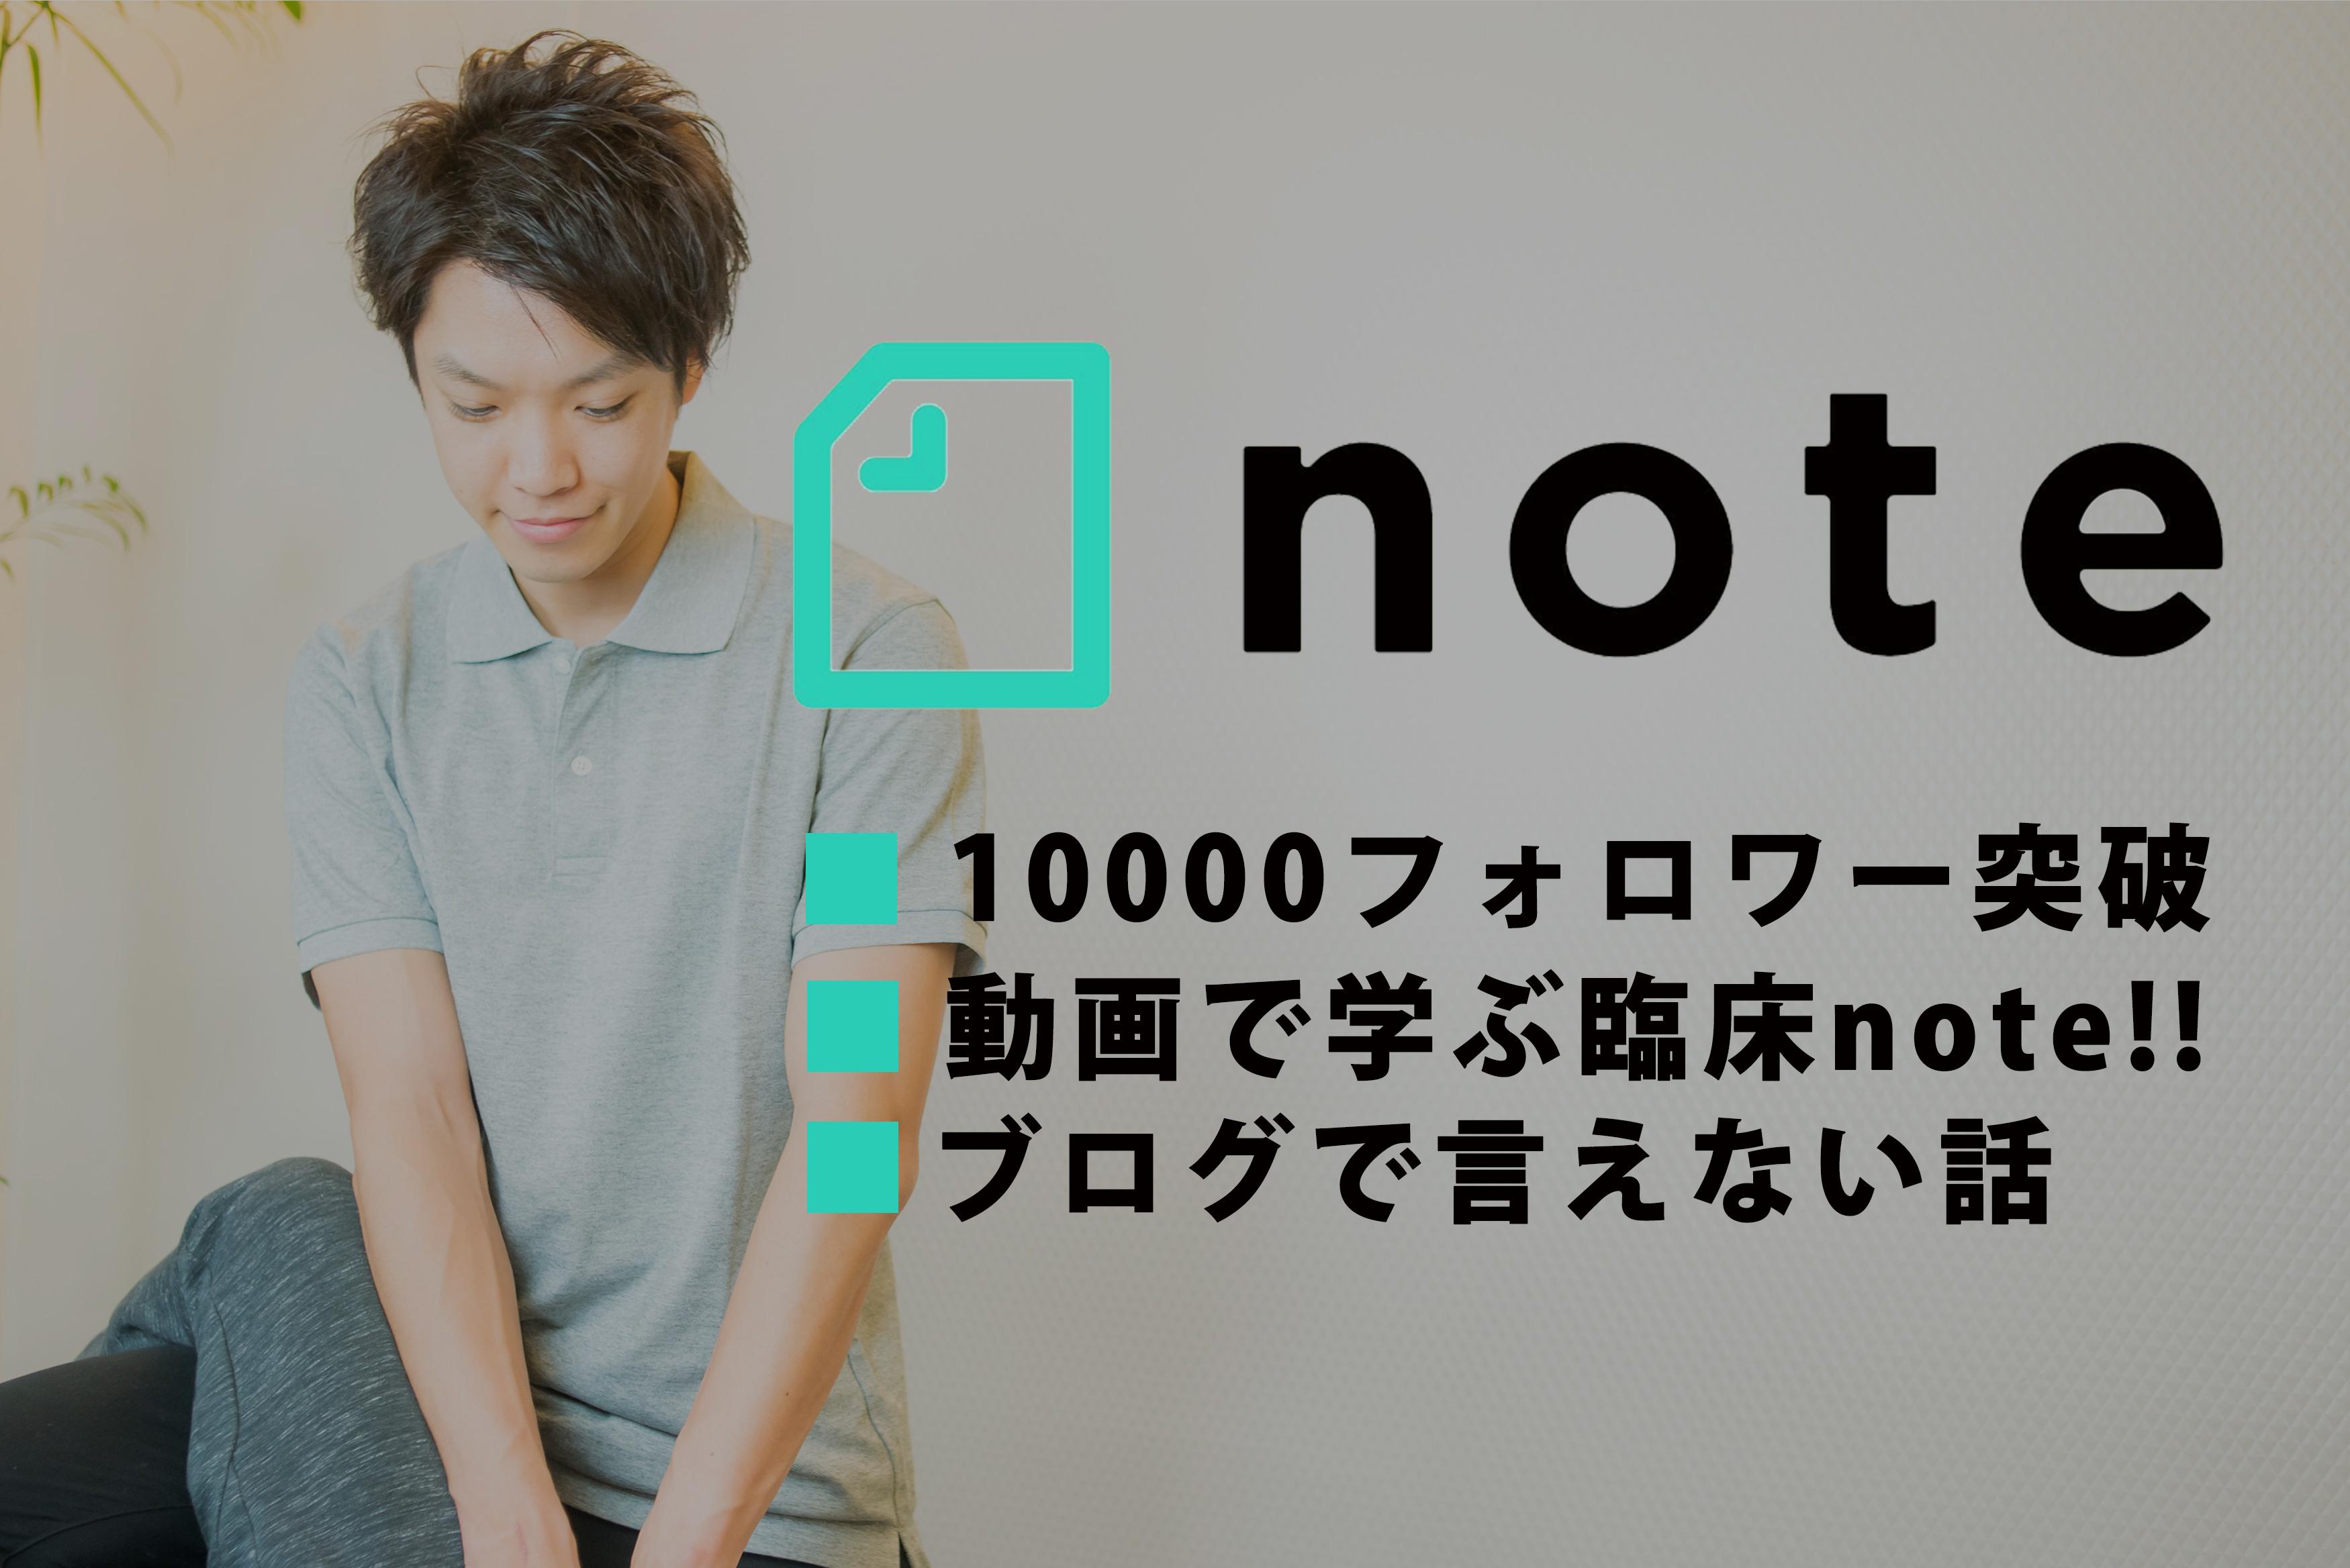 吉田の臨床note!!1万人フォロワー突破!動画・音声・文章でより深く学ぶ!